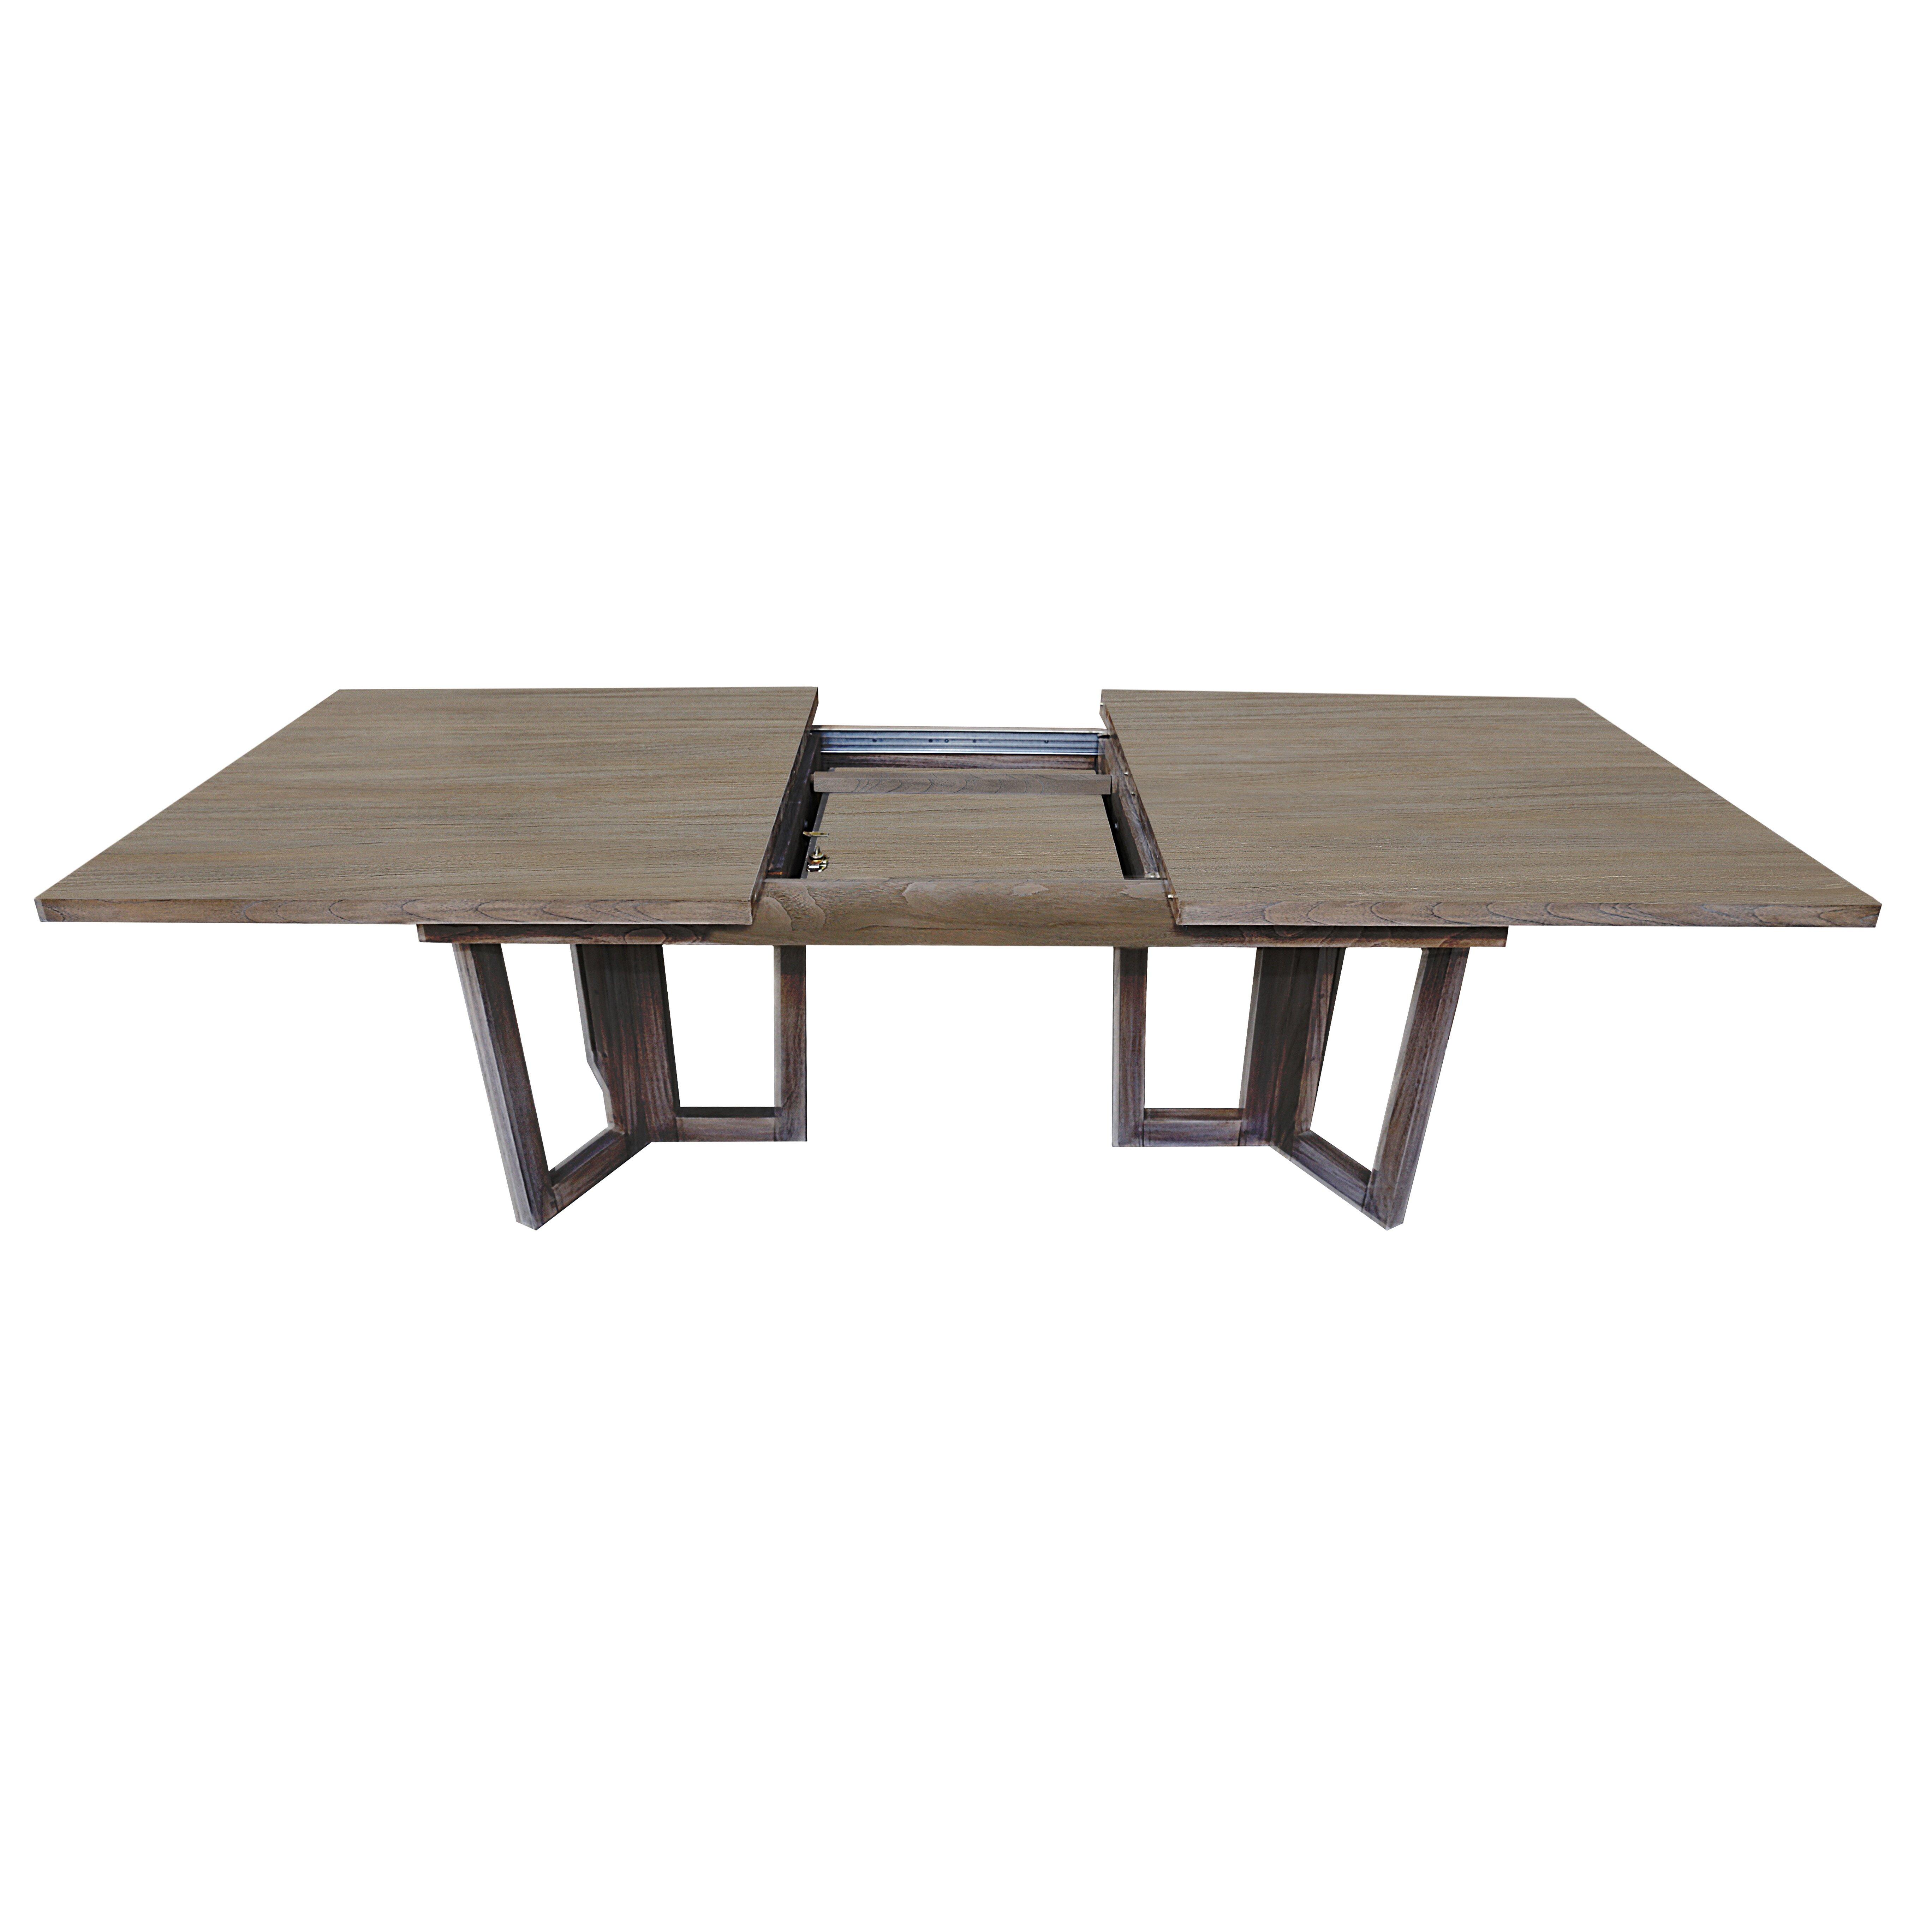 Palmer dining table wayfair for Wayfair dining tables